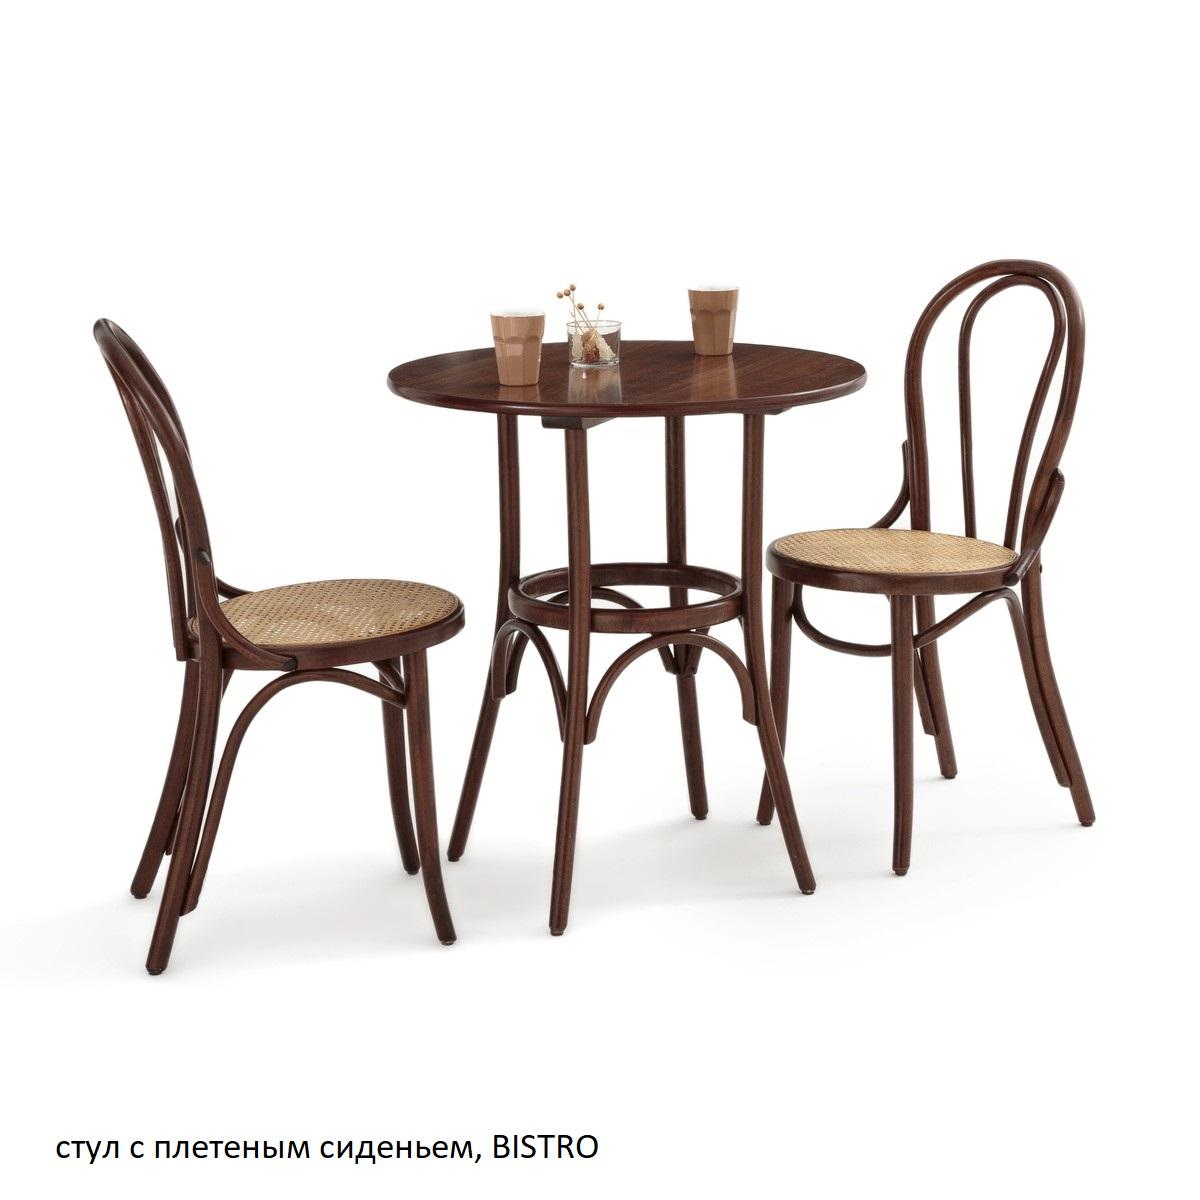 Modèles de chaises pour la cuisine